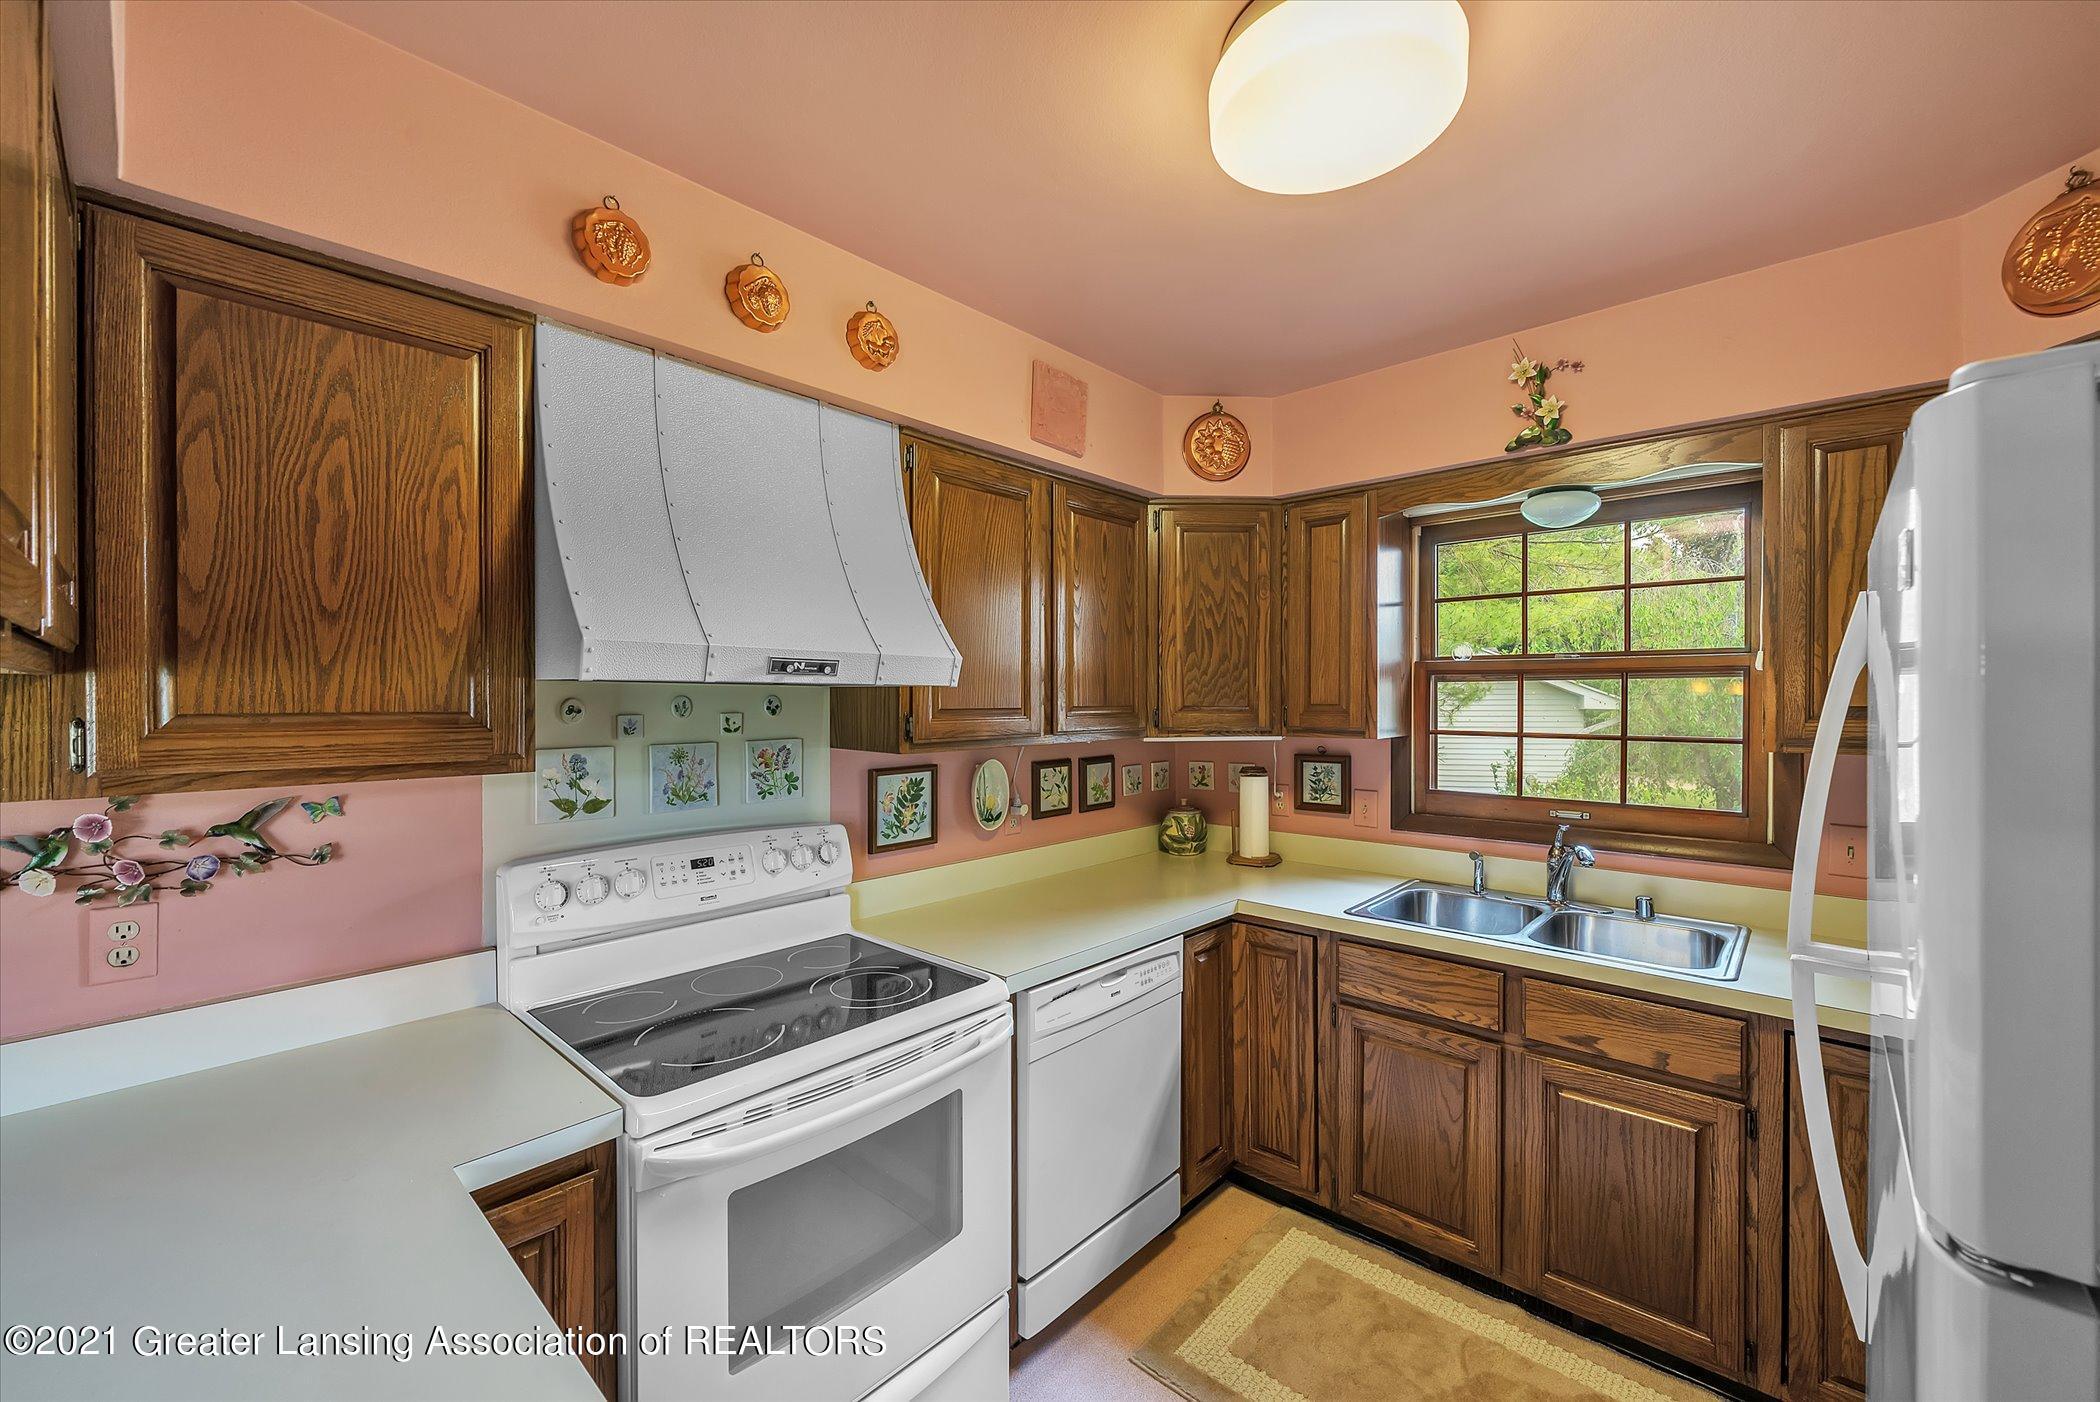 5556 Wood Valley Dr - (9) MAIN FLOOR Kitchen - 9